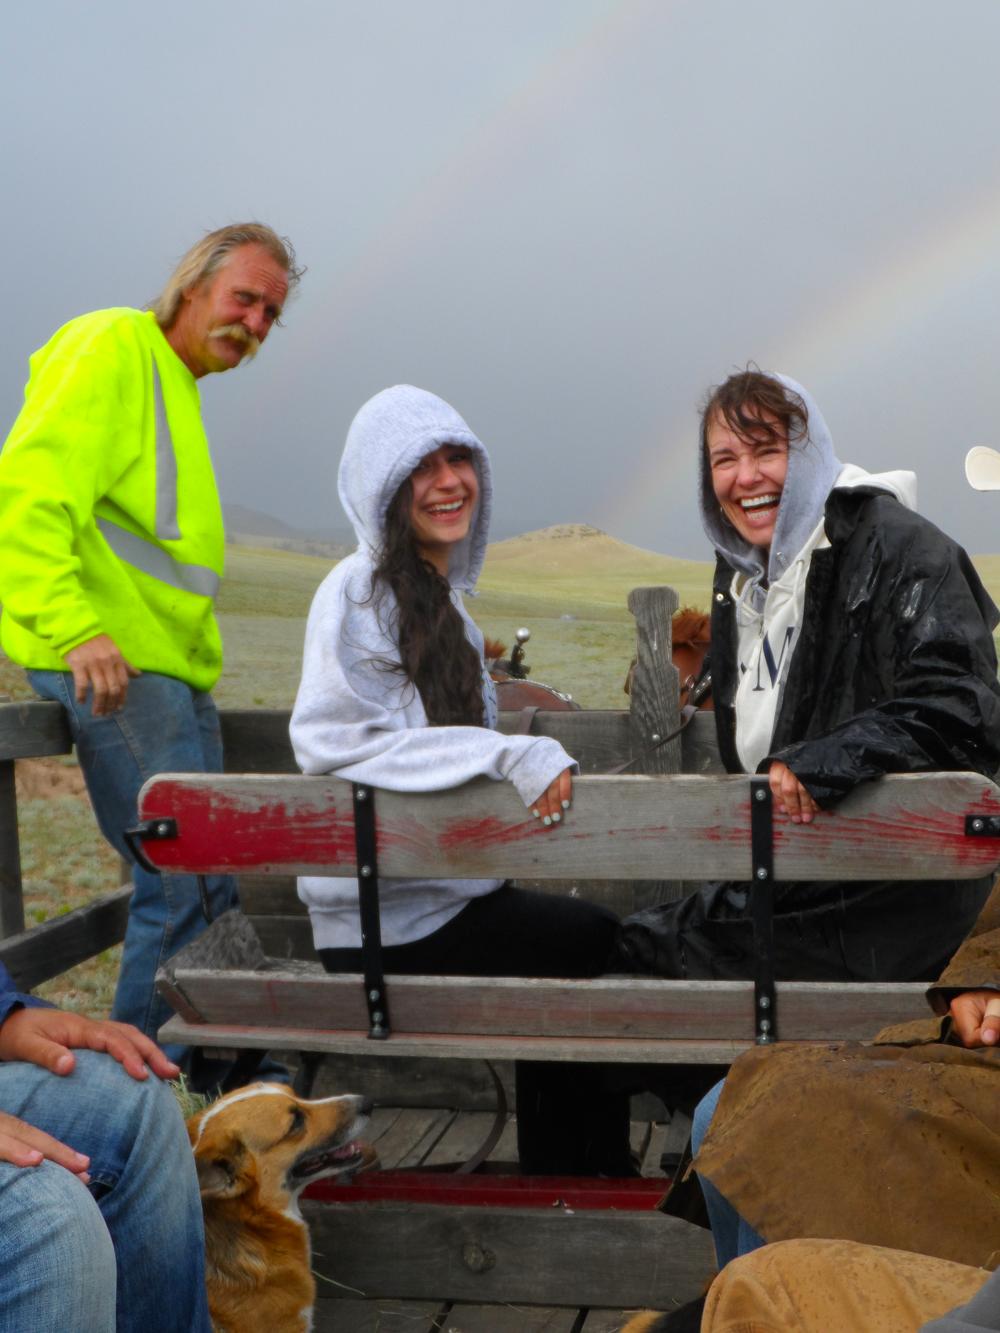 wagon ride in rain.png